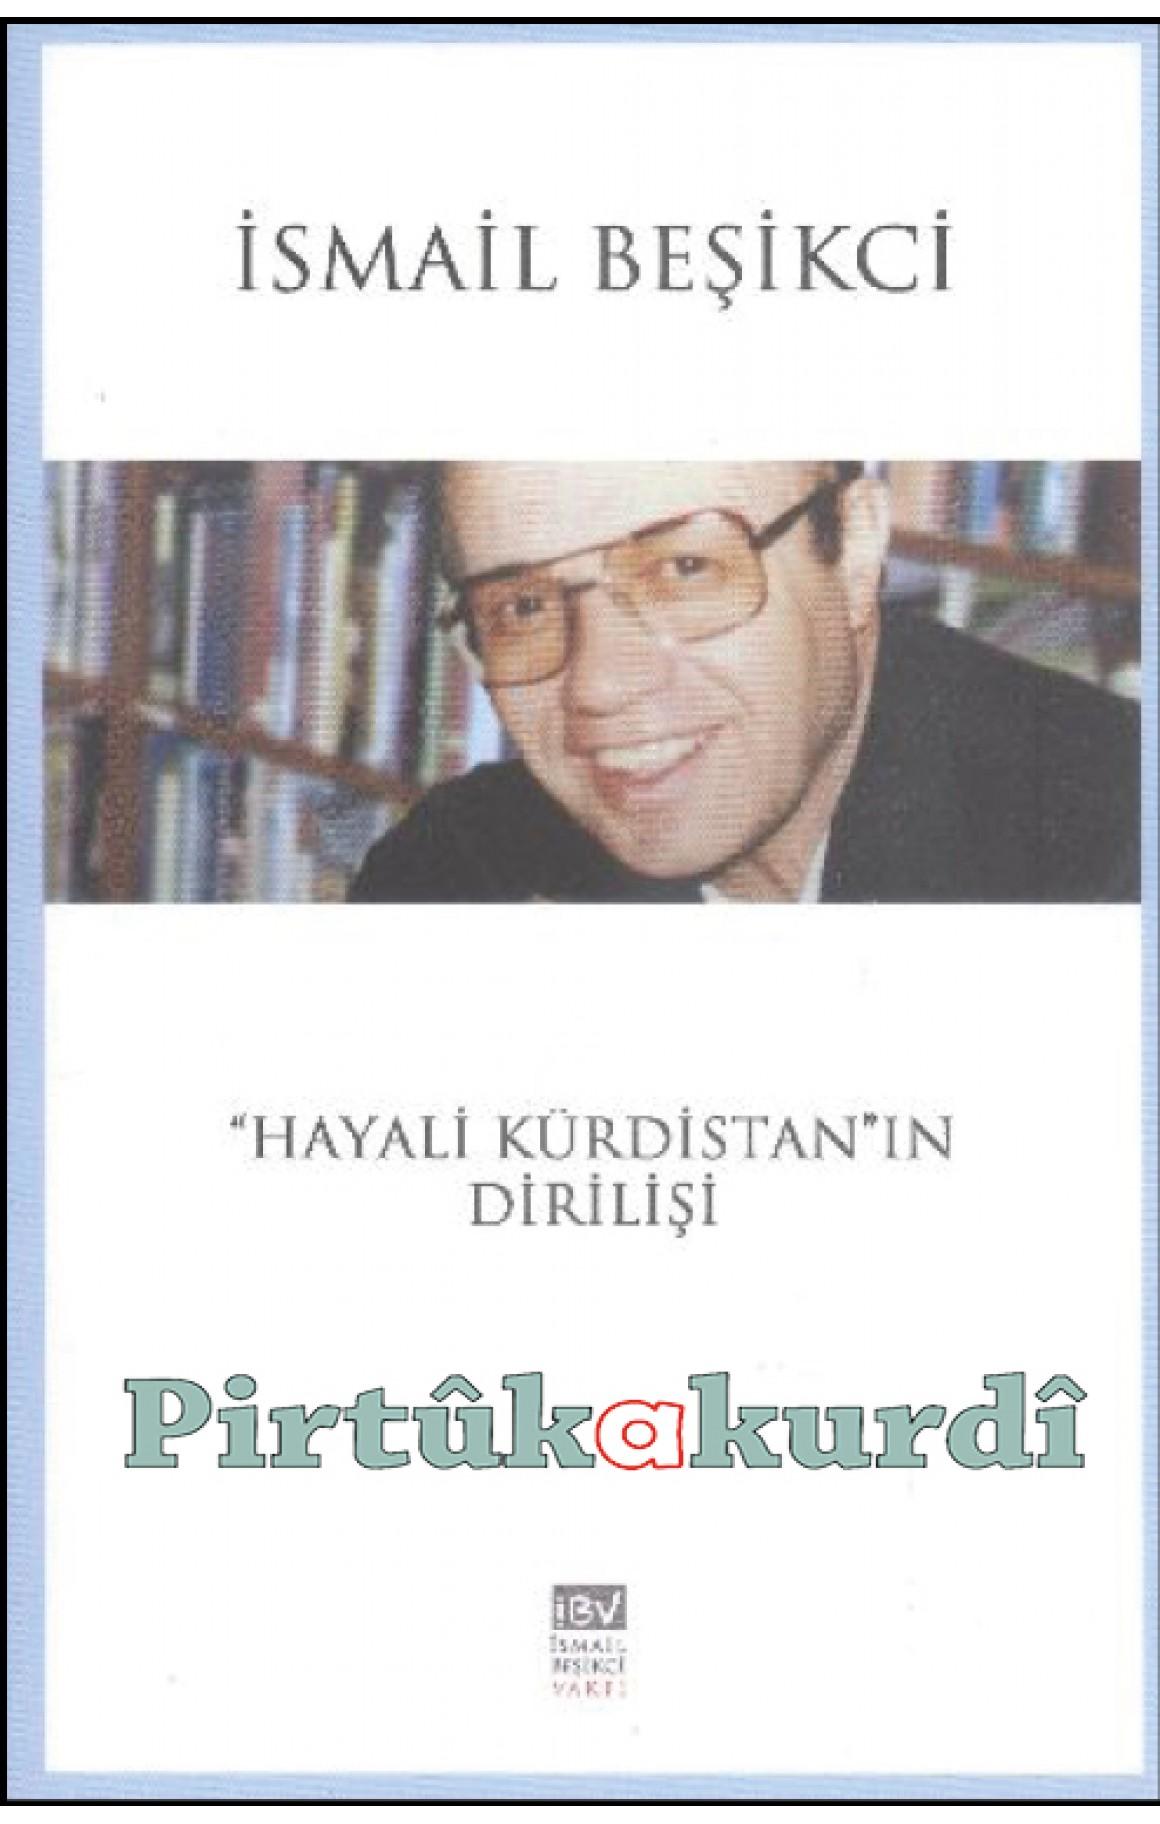 Hayali Kürdistan'ın Dirilişi